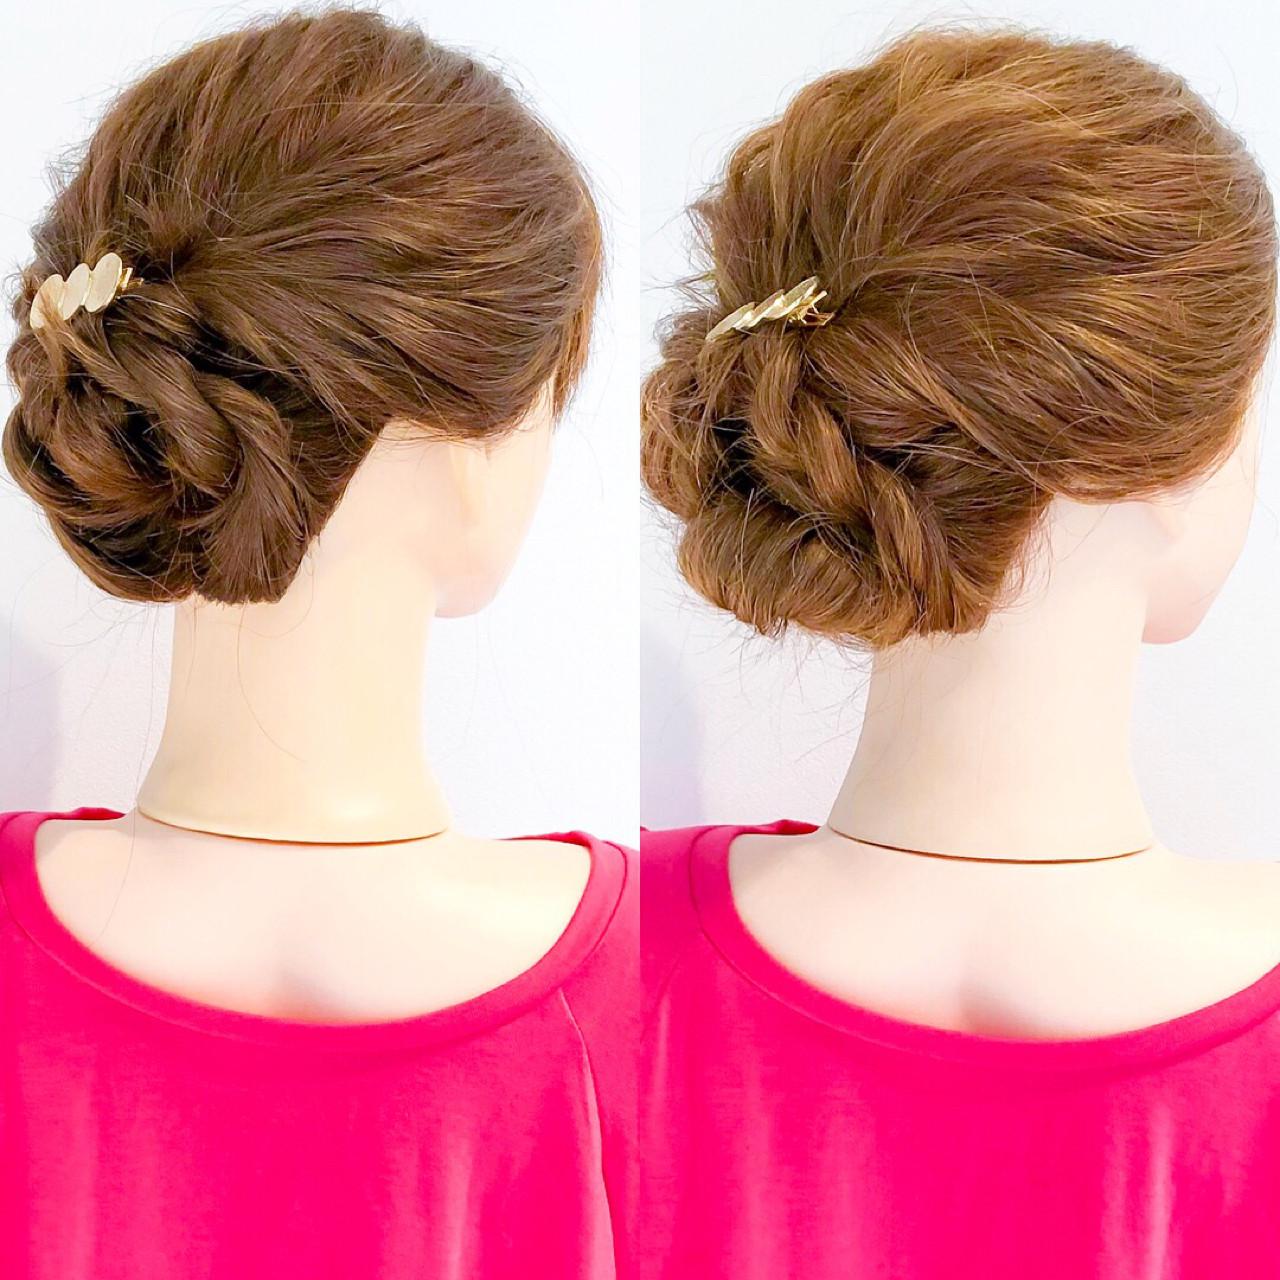 上品 エレガント ロング ヘアアレンジ ヘアスタイルや髪型の写真・画像 | 美容師HIRO/Amoute代表 / Amoute/アムティ